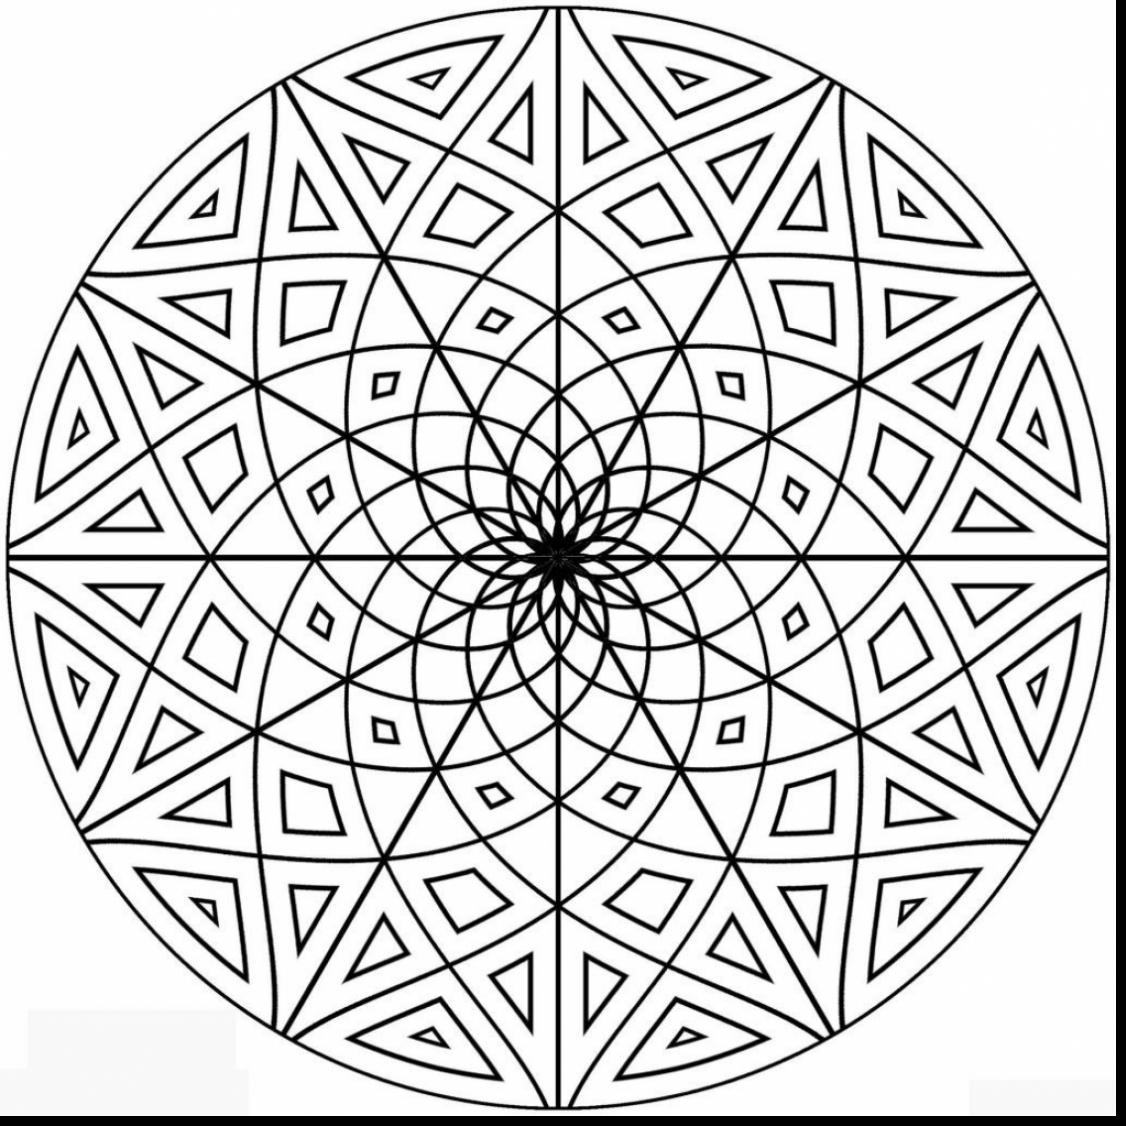 Mayan Pyramid Drawing at GetDrawings.com | Free for personal use ...